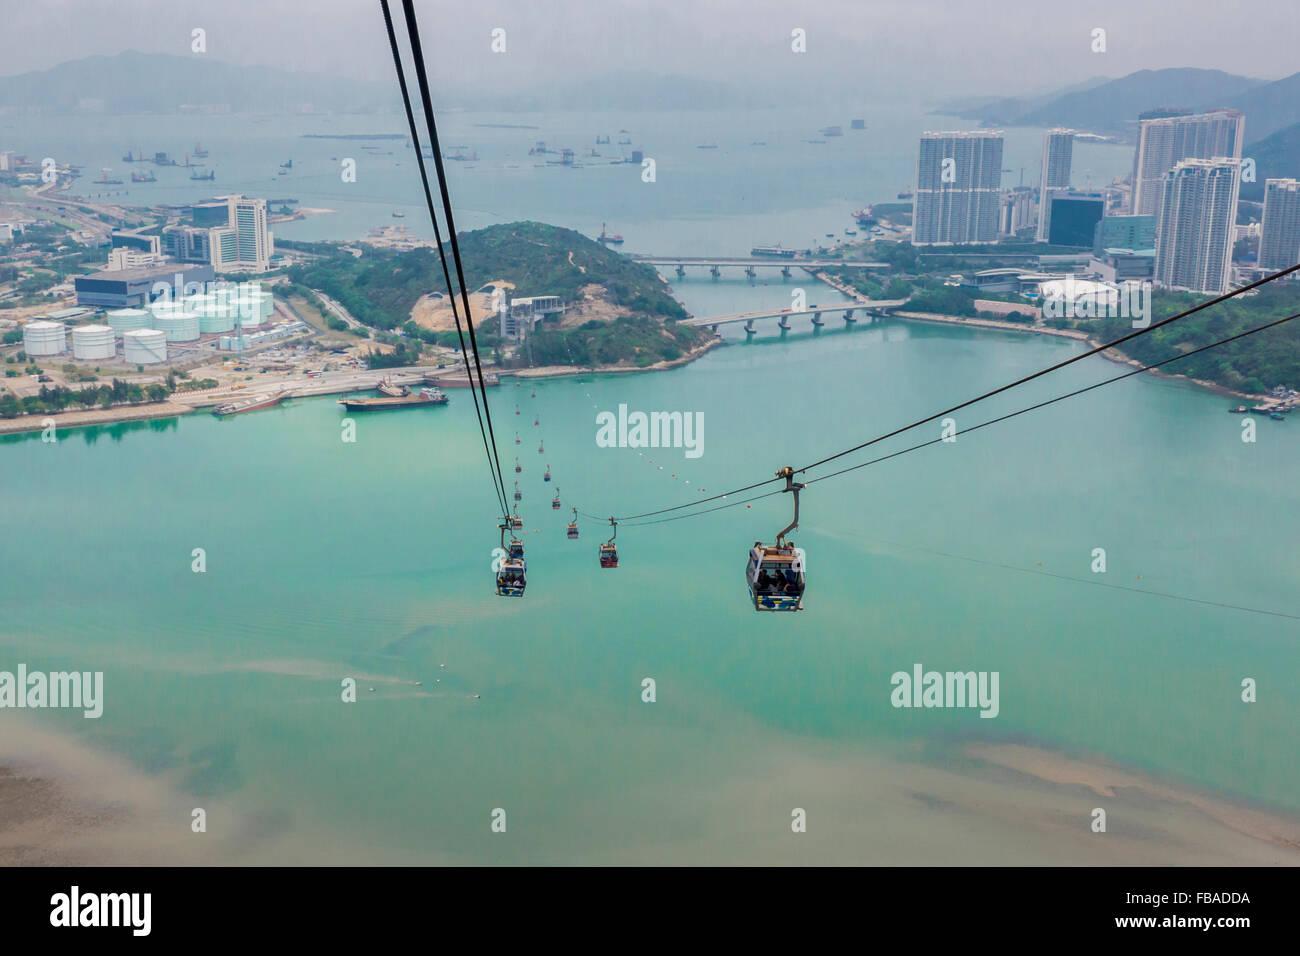 Ngong Ping 360 Cable Cars, Lantau Island, Hong Kong, China - Stock Image